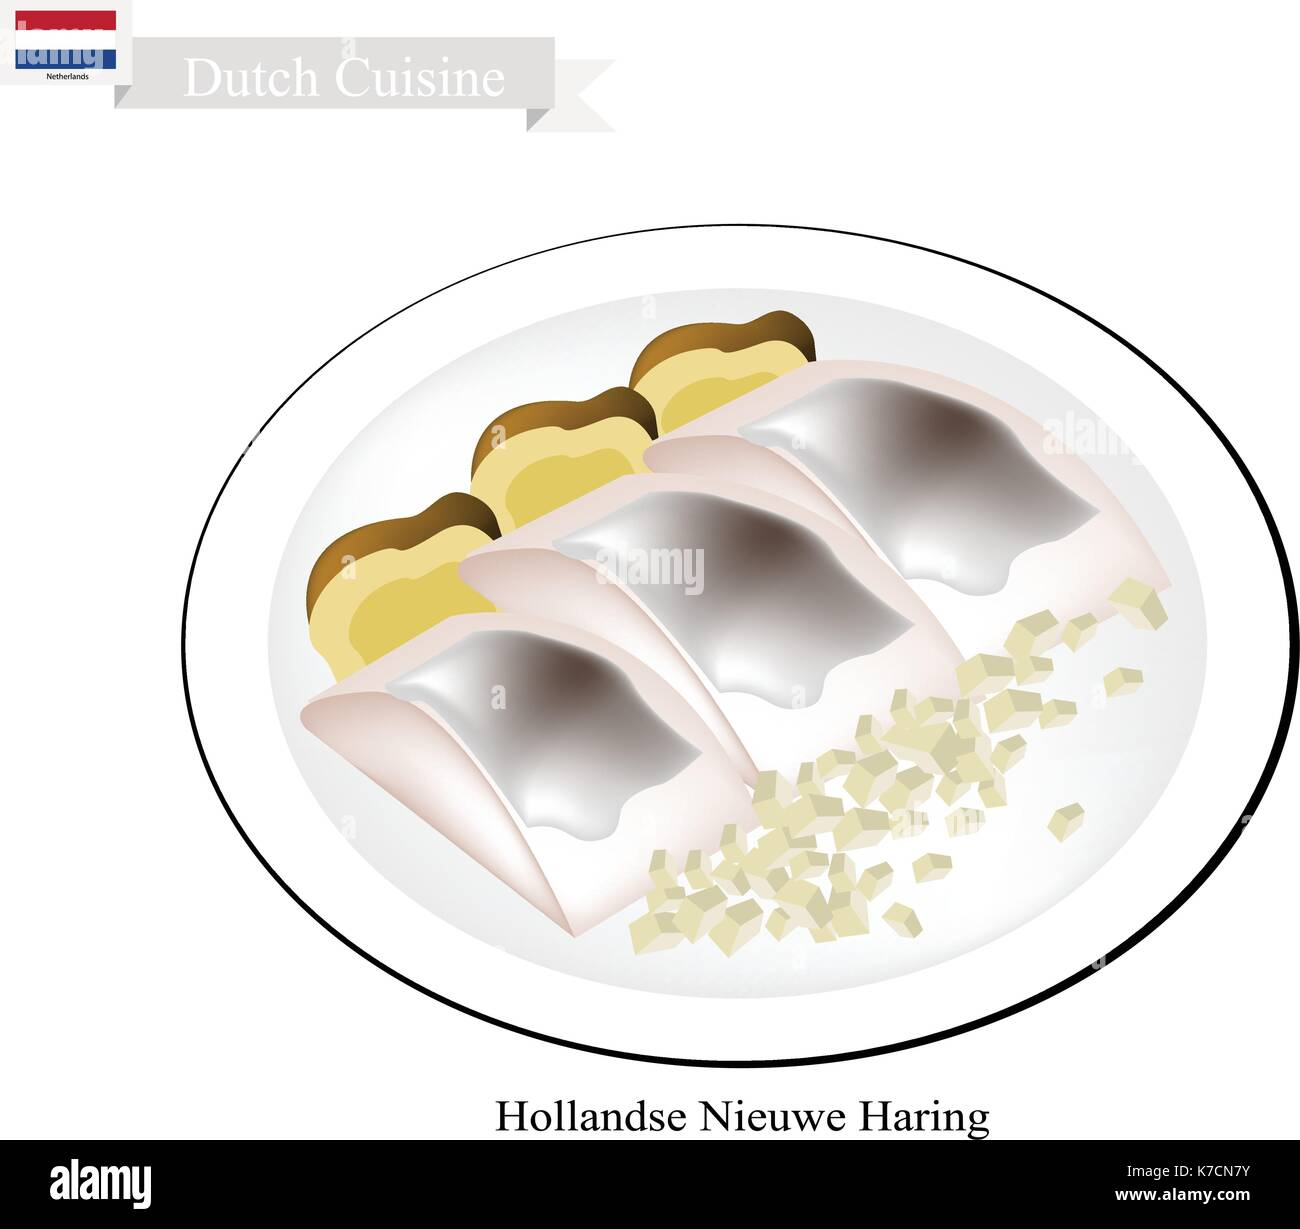 Niederländische Küche, Hollandse Nieuwe Haring Oder Traditionelle Rohstoffe  Und Leicht Gesalzenem Hering. Stockbild